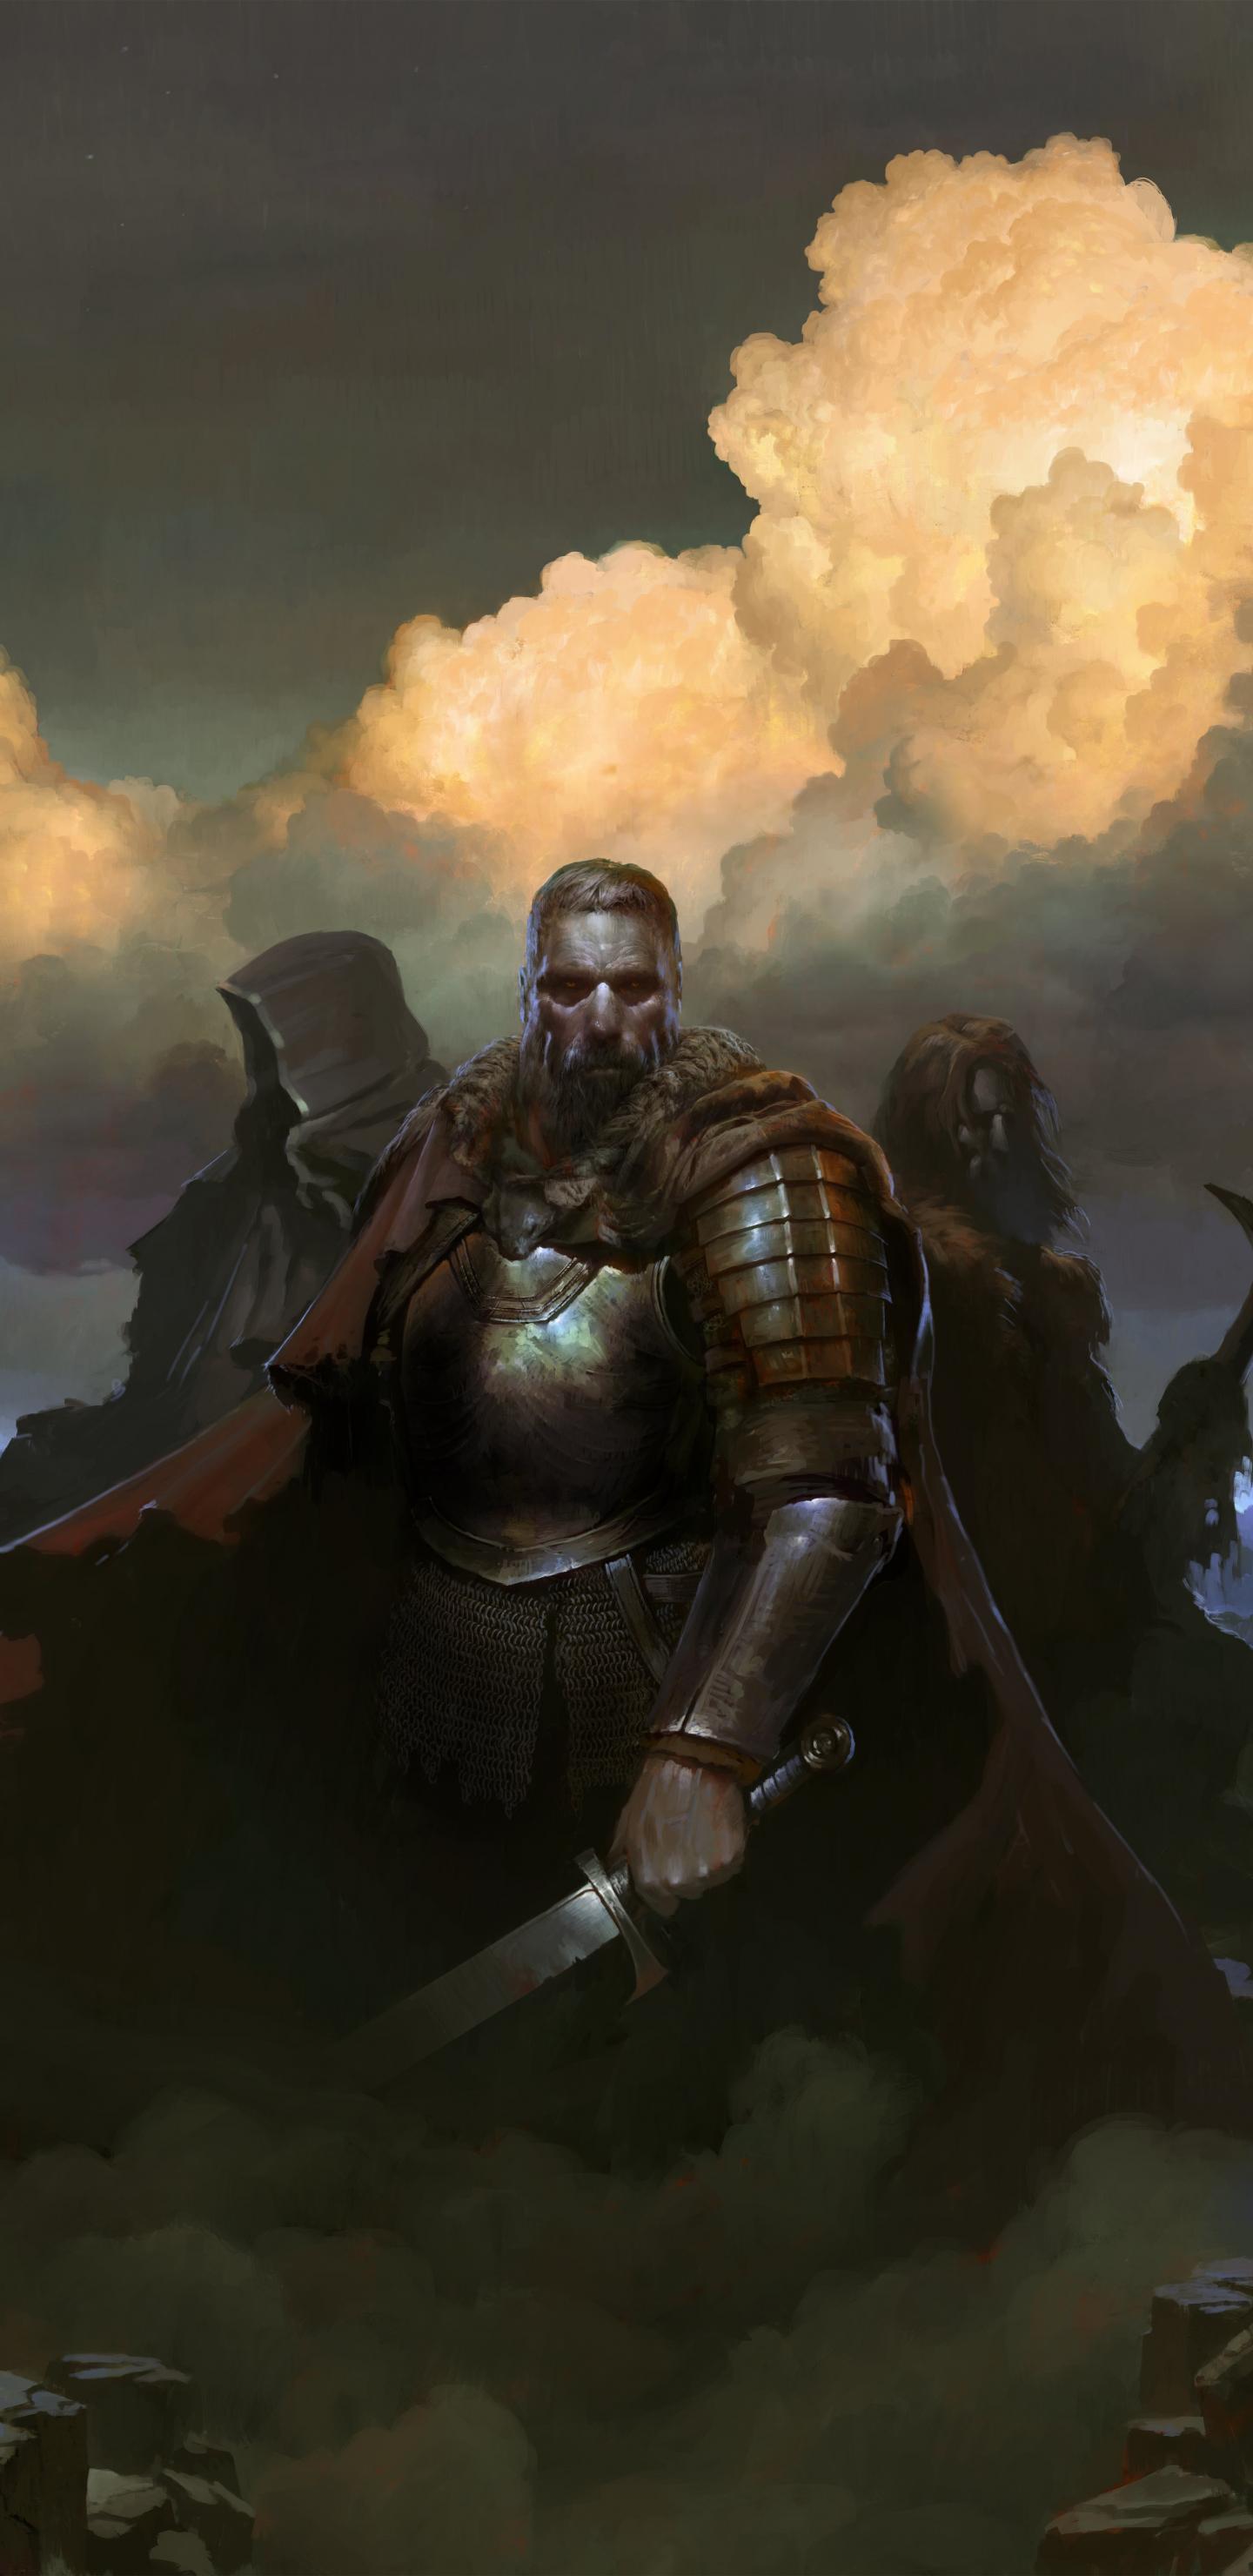 SpellForce 3, warriors, Video game, 1440x2960 wallpaper